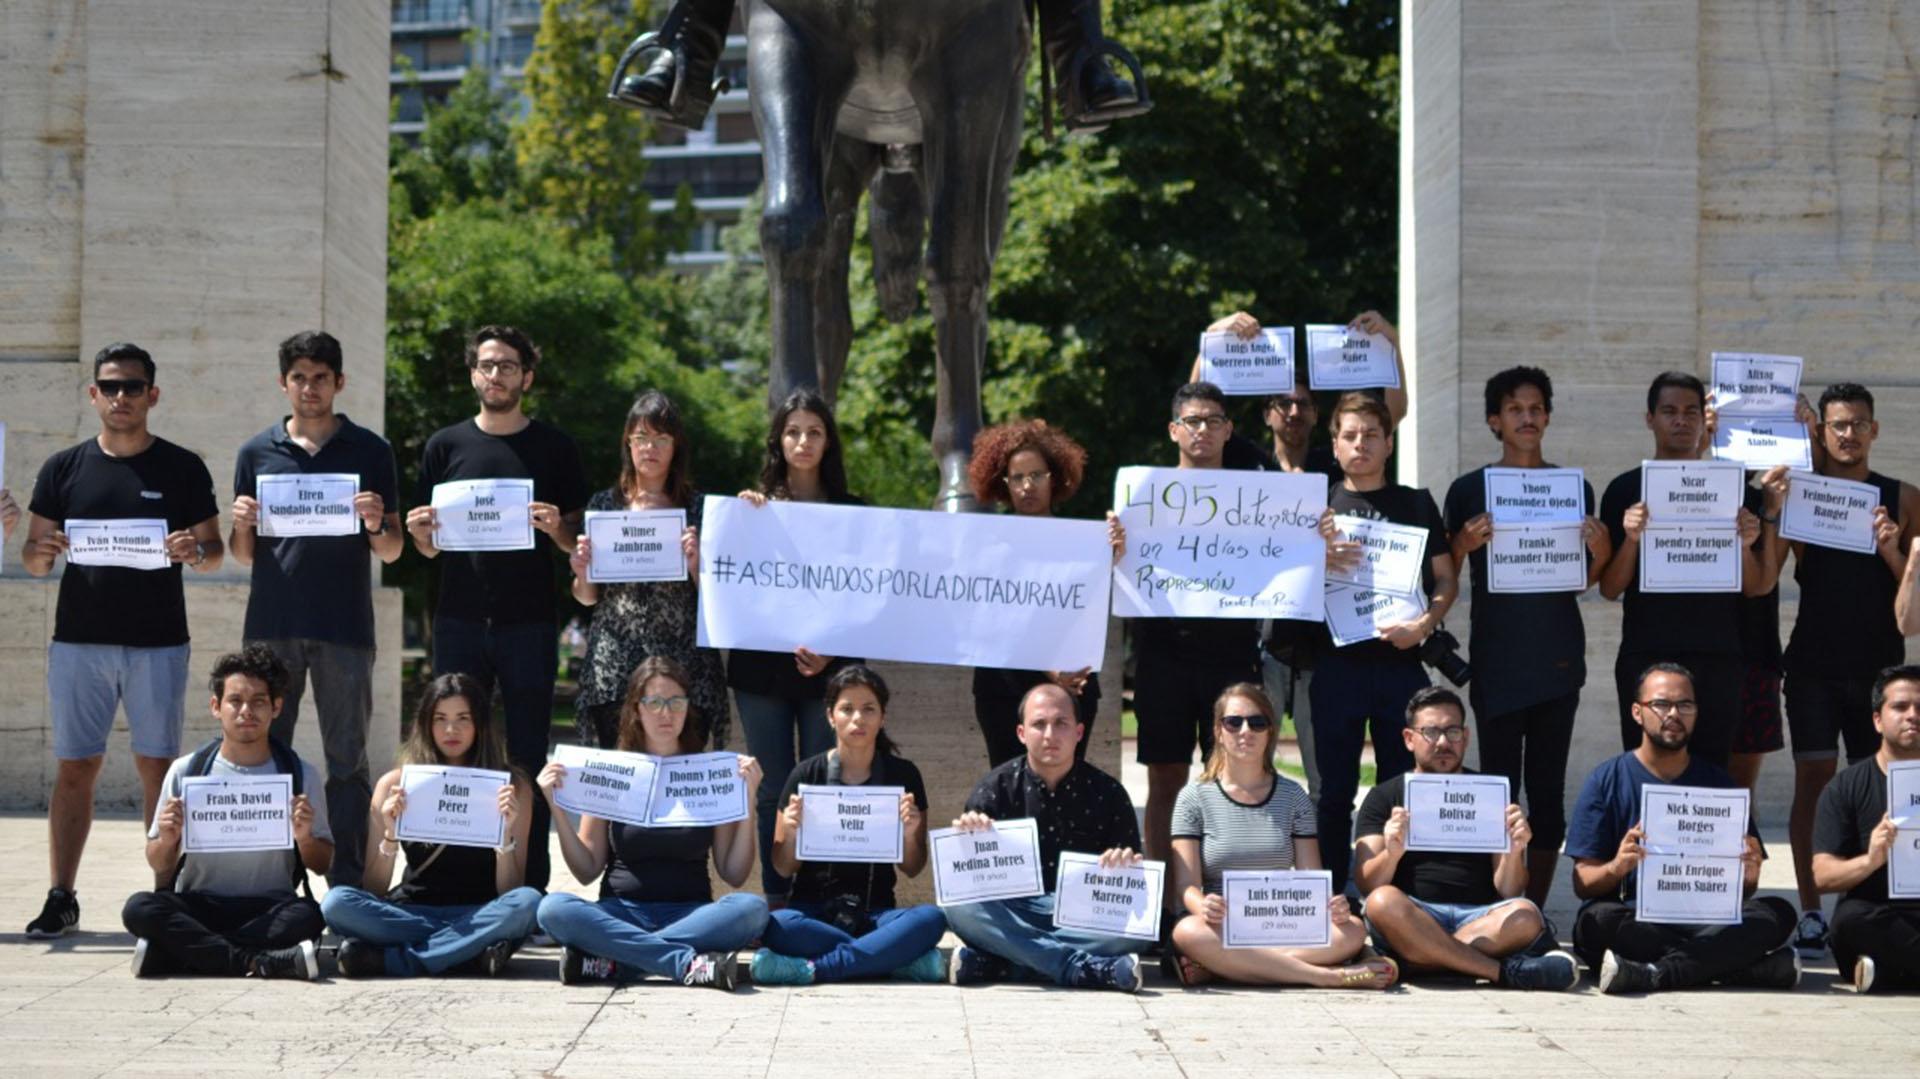 """""""#AsesinadosPorLaDictaduraVE"""" fue la principal leyenda que portaron los manifestantes"""